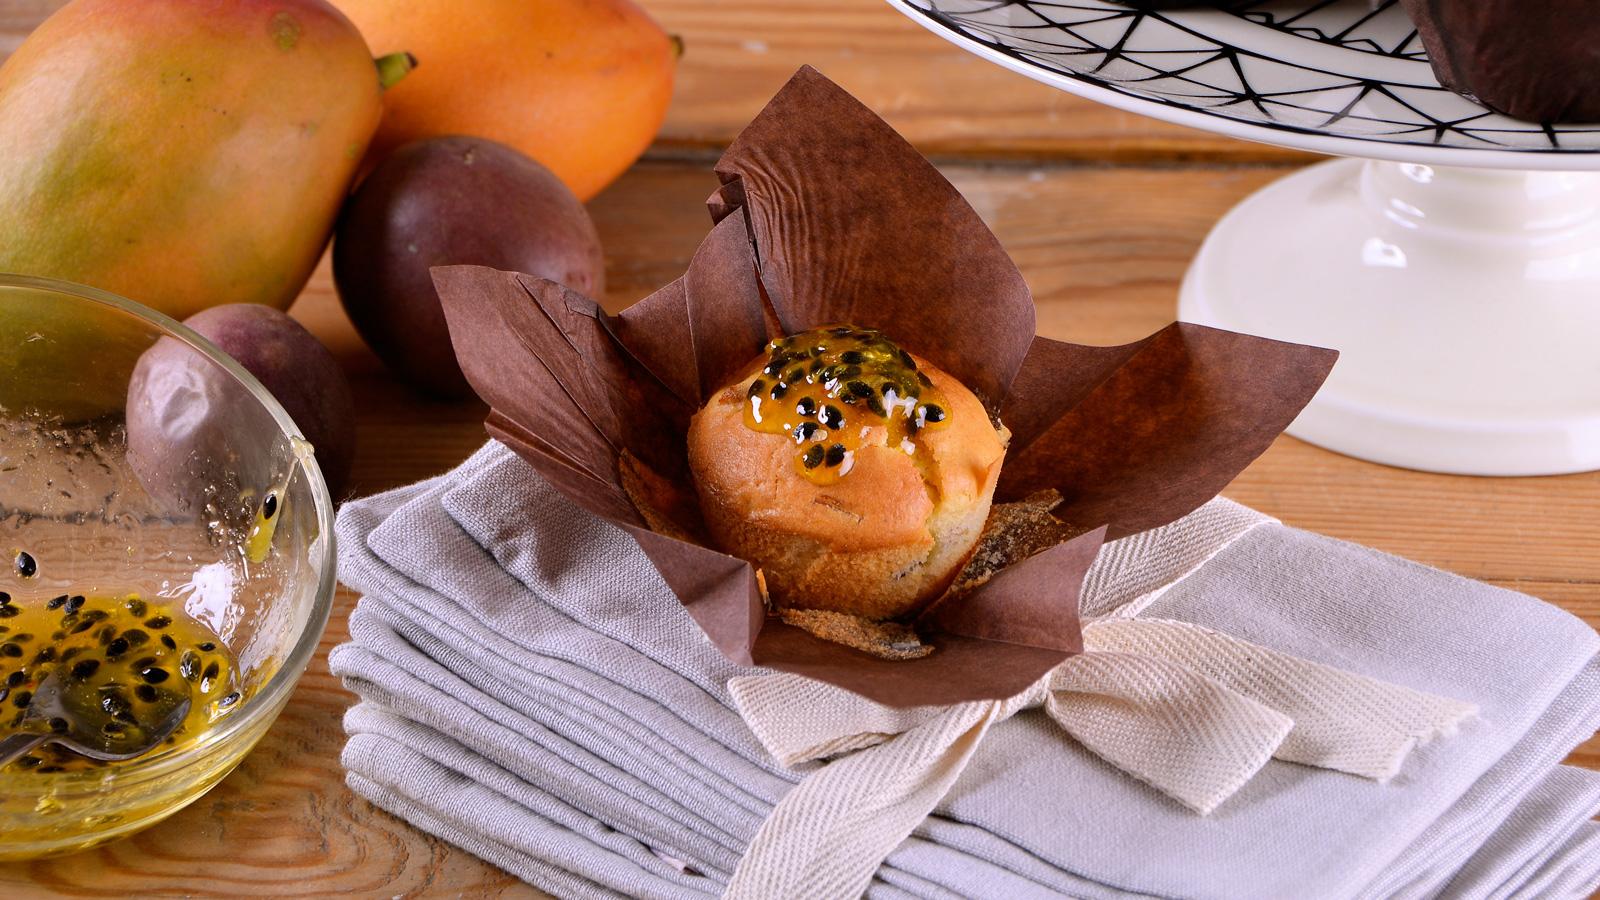 Muffins de pl tano mango y fruta de la pasi n alma - Cocina con alma ...